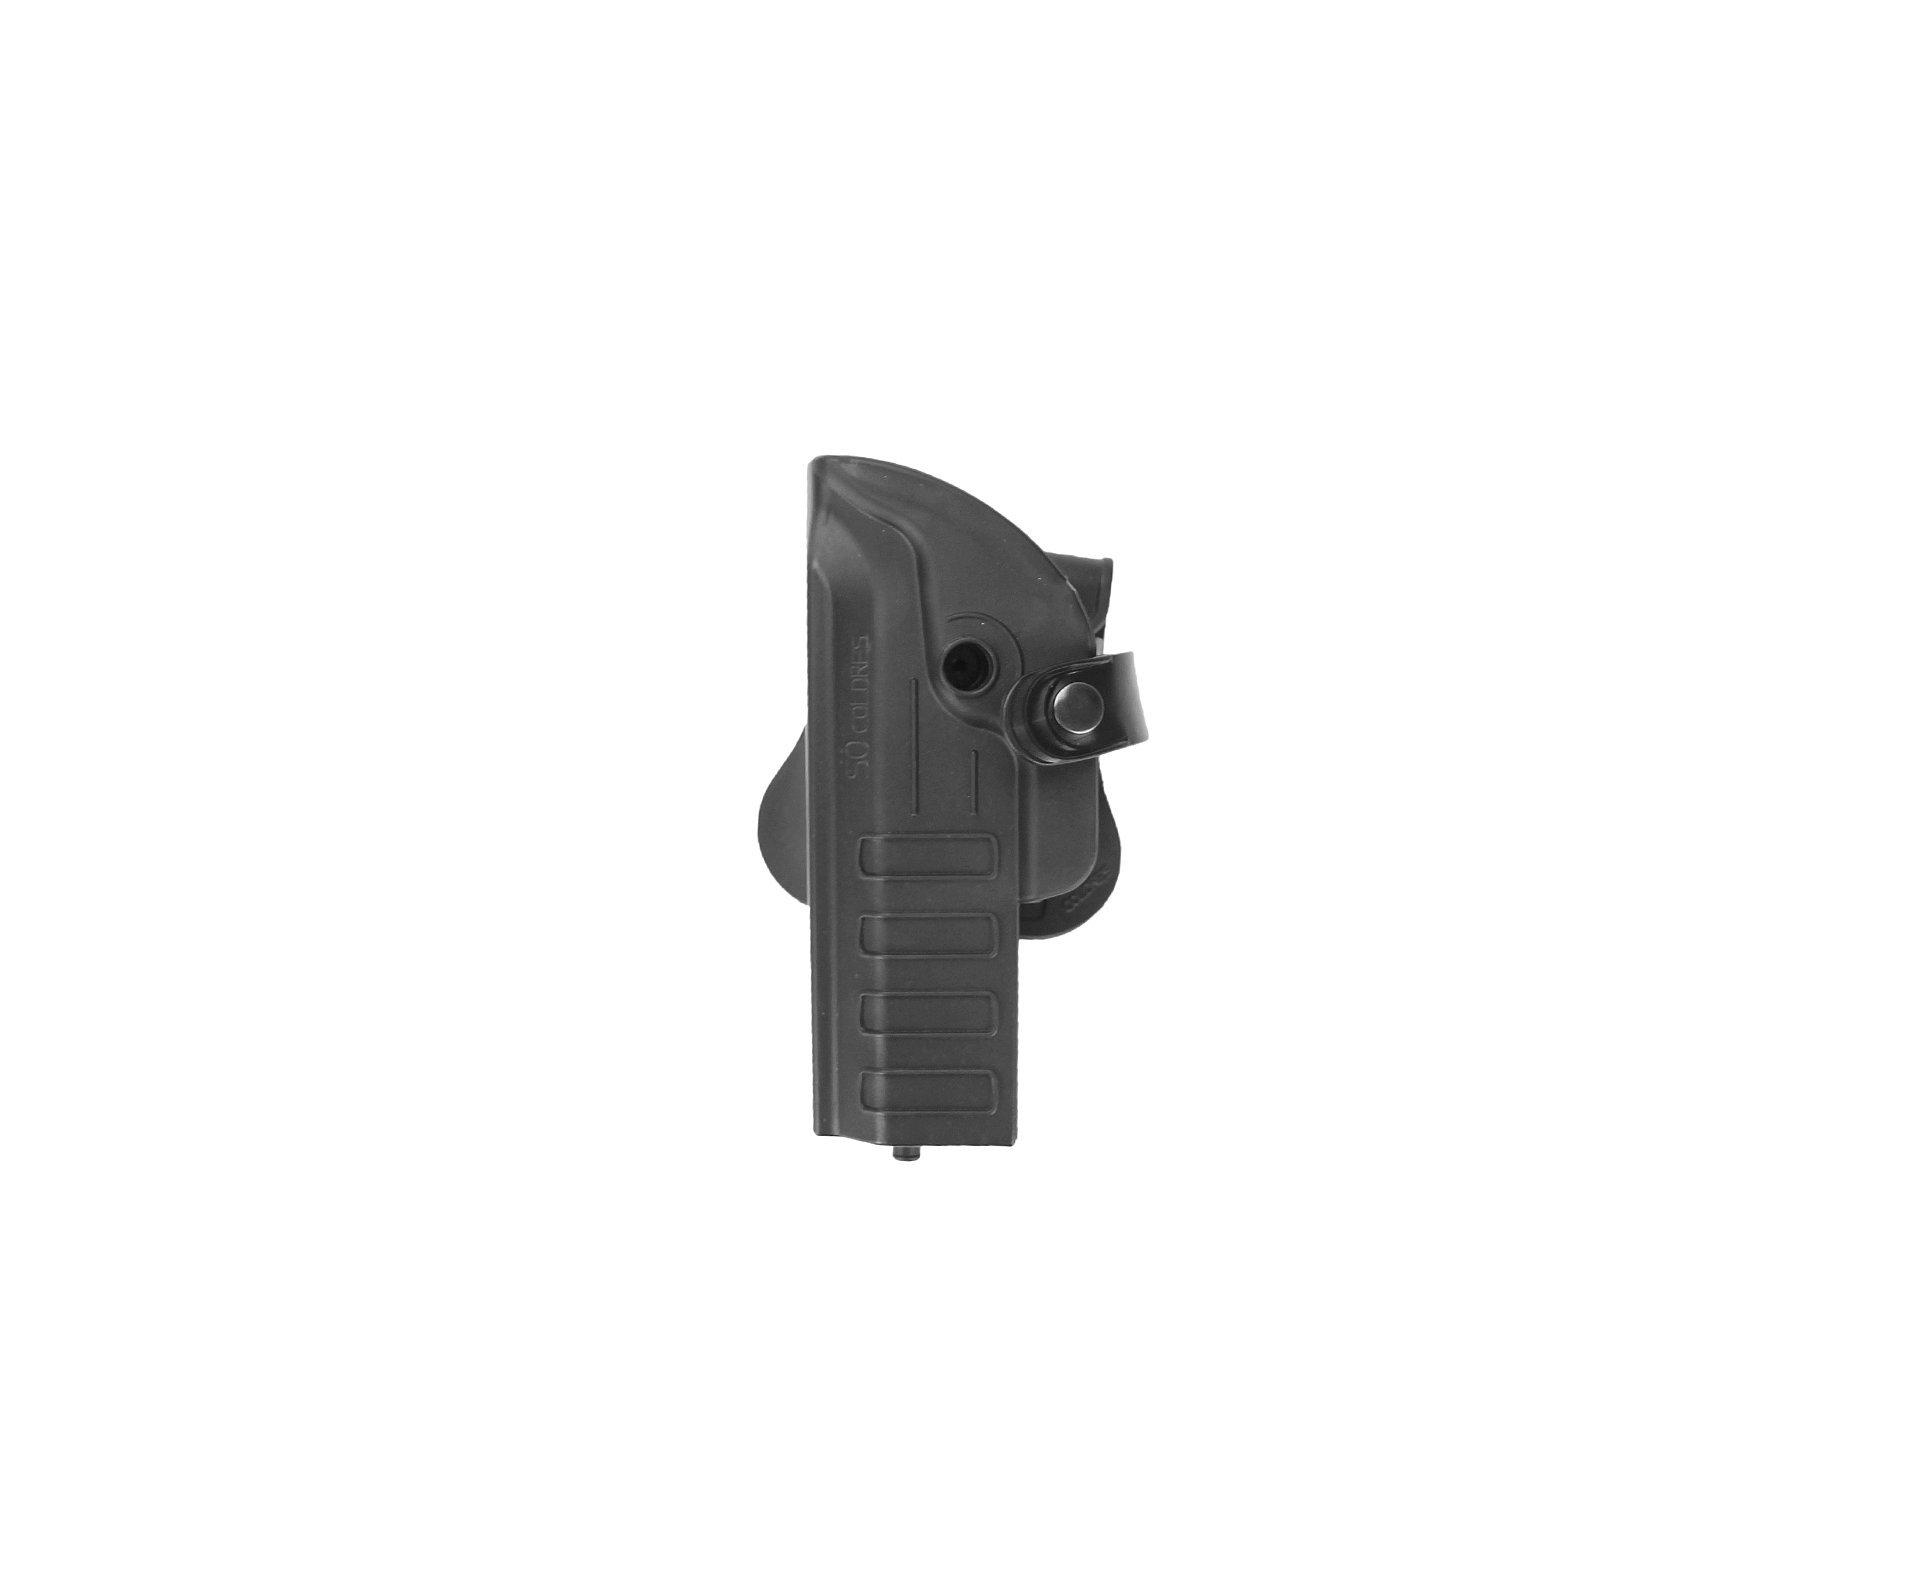 Coldre Pistola Taurus E Glock Com Suporte De Lanterna Ou Laser Canhoto - So Coldres